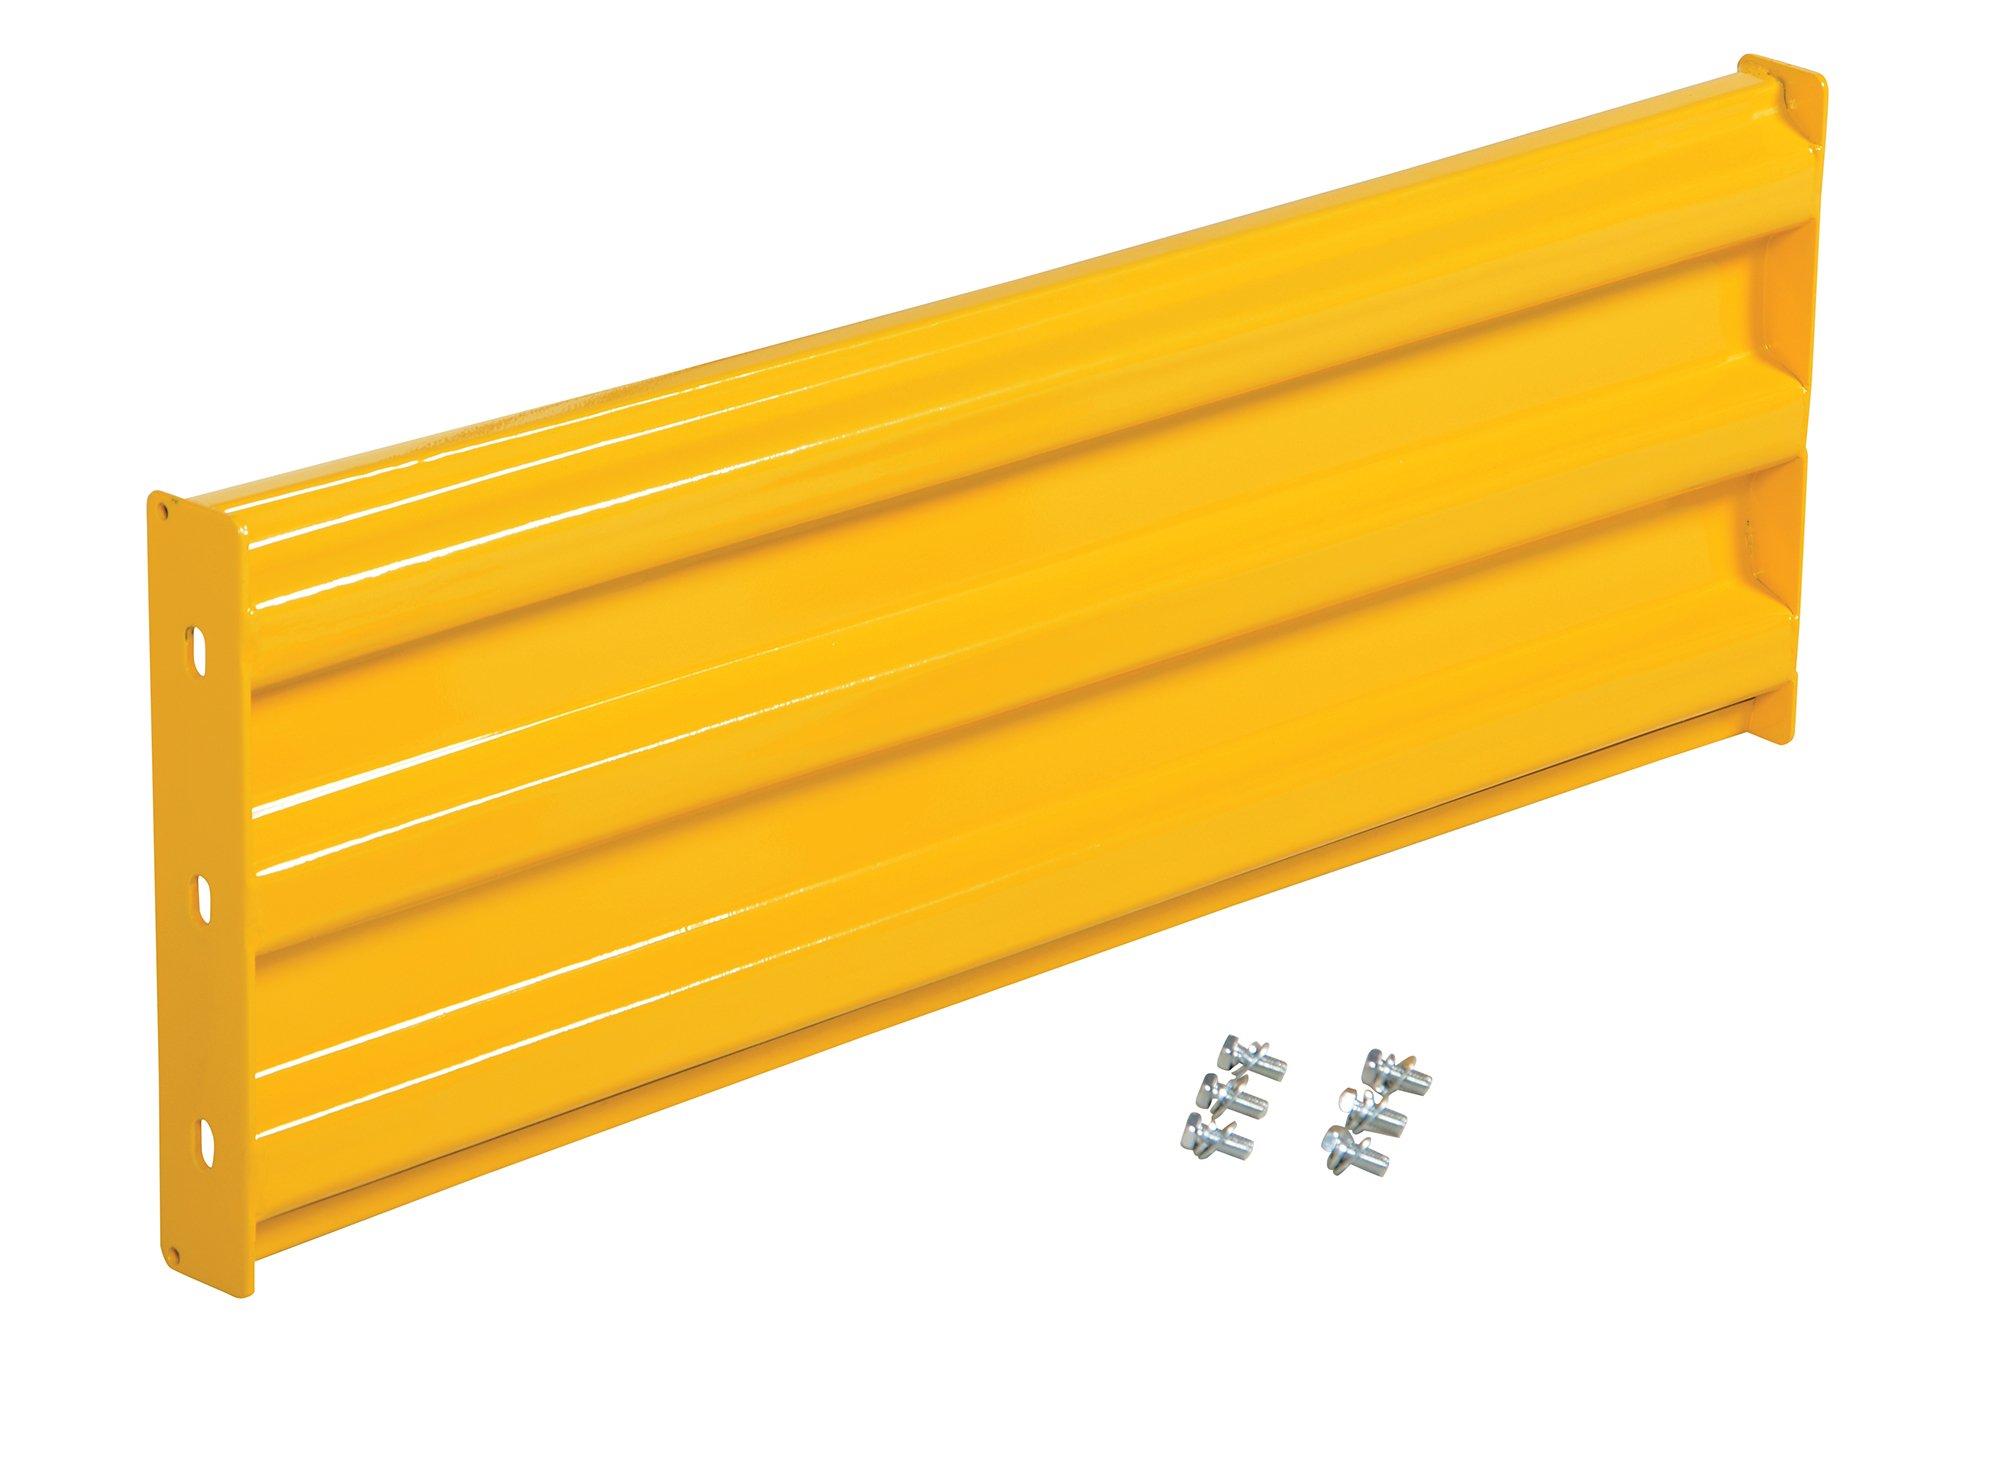 Vestil YGR-B-4 Bolt-On Style Guard Rail44; Yellow - 4 ft.